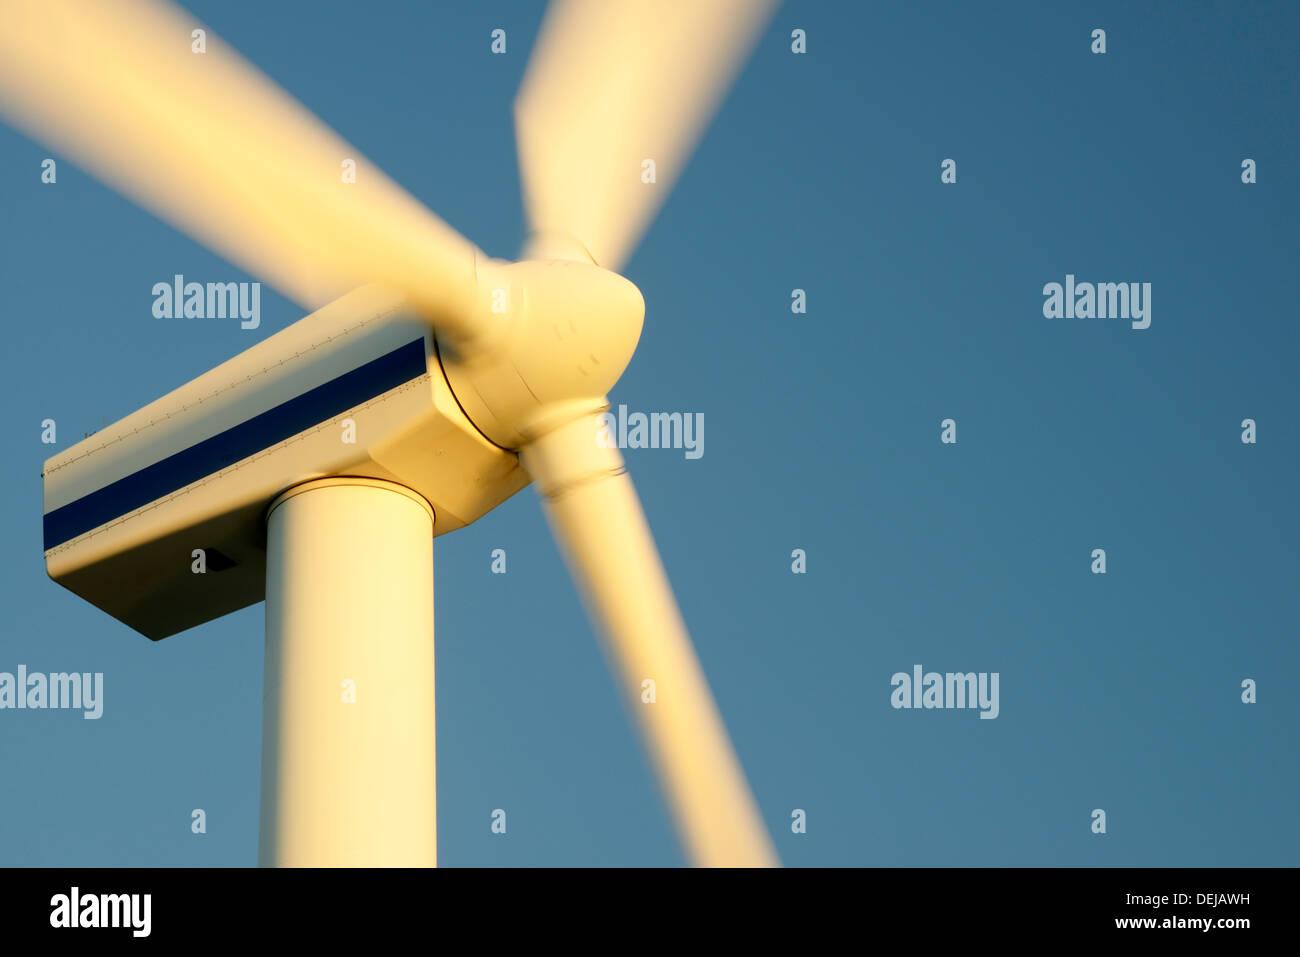 Rotors de turbine éolienne avec ciel bleu la production d'électricité on wind farm à Workington, Cumbria, England, UK. Lumière chaude soirée Photo Stock